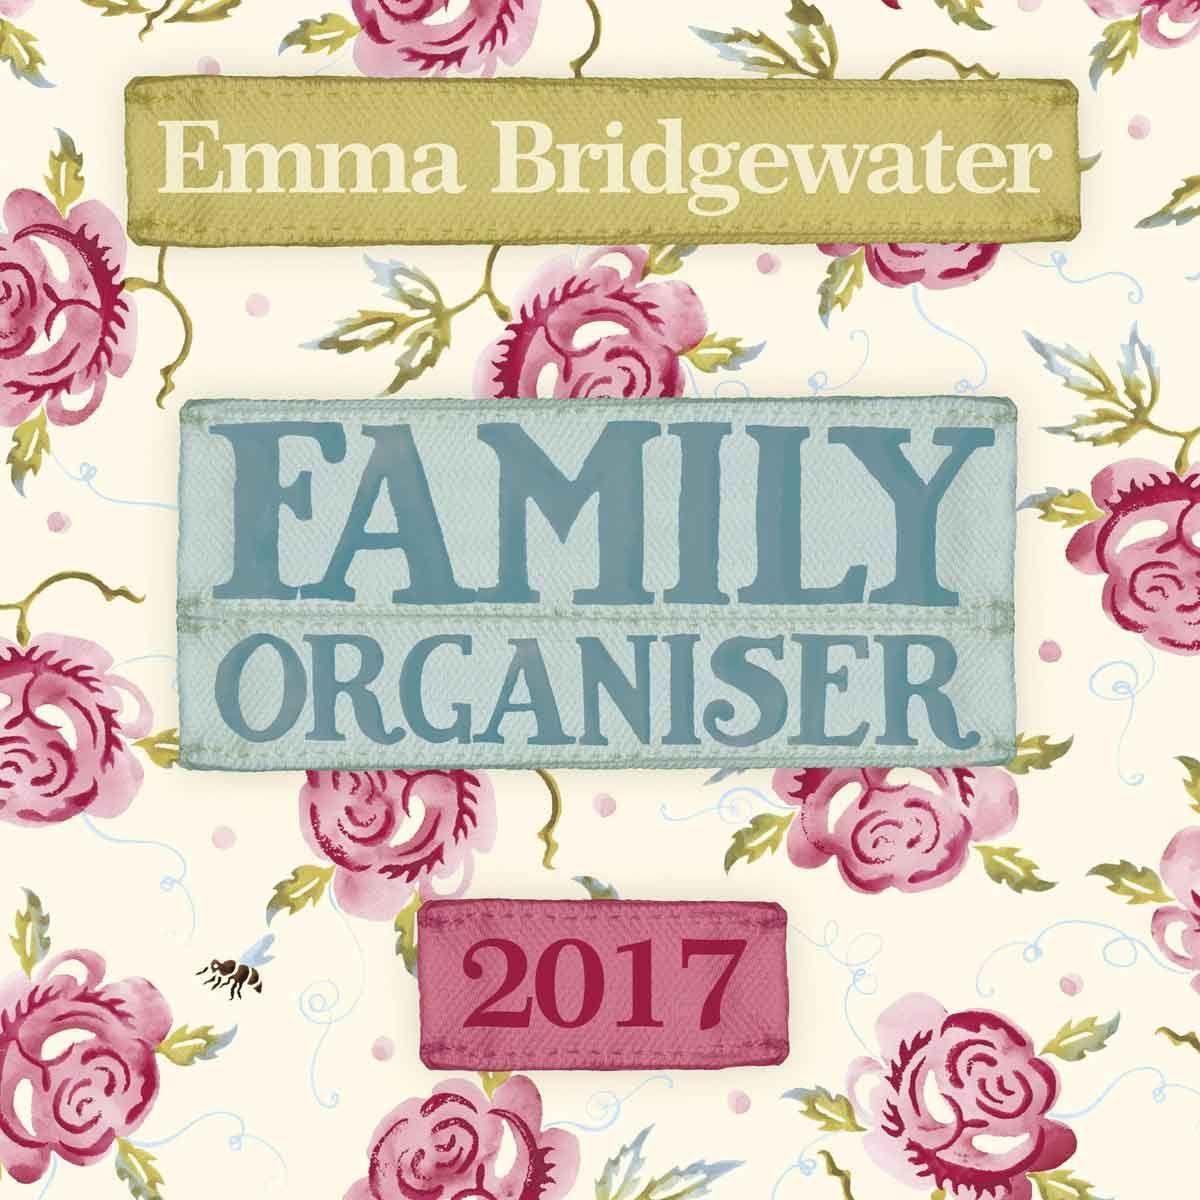 emma bridgewater family planner 2017 crimbo 2016 pinterest